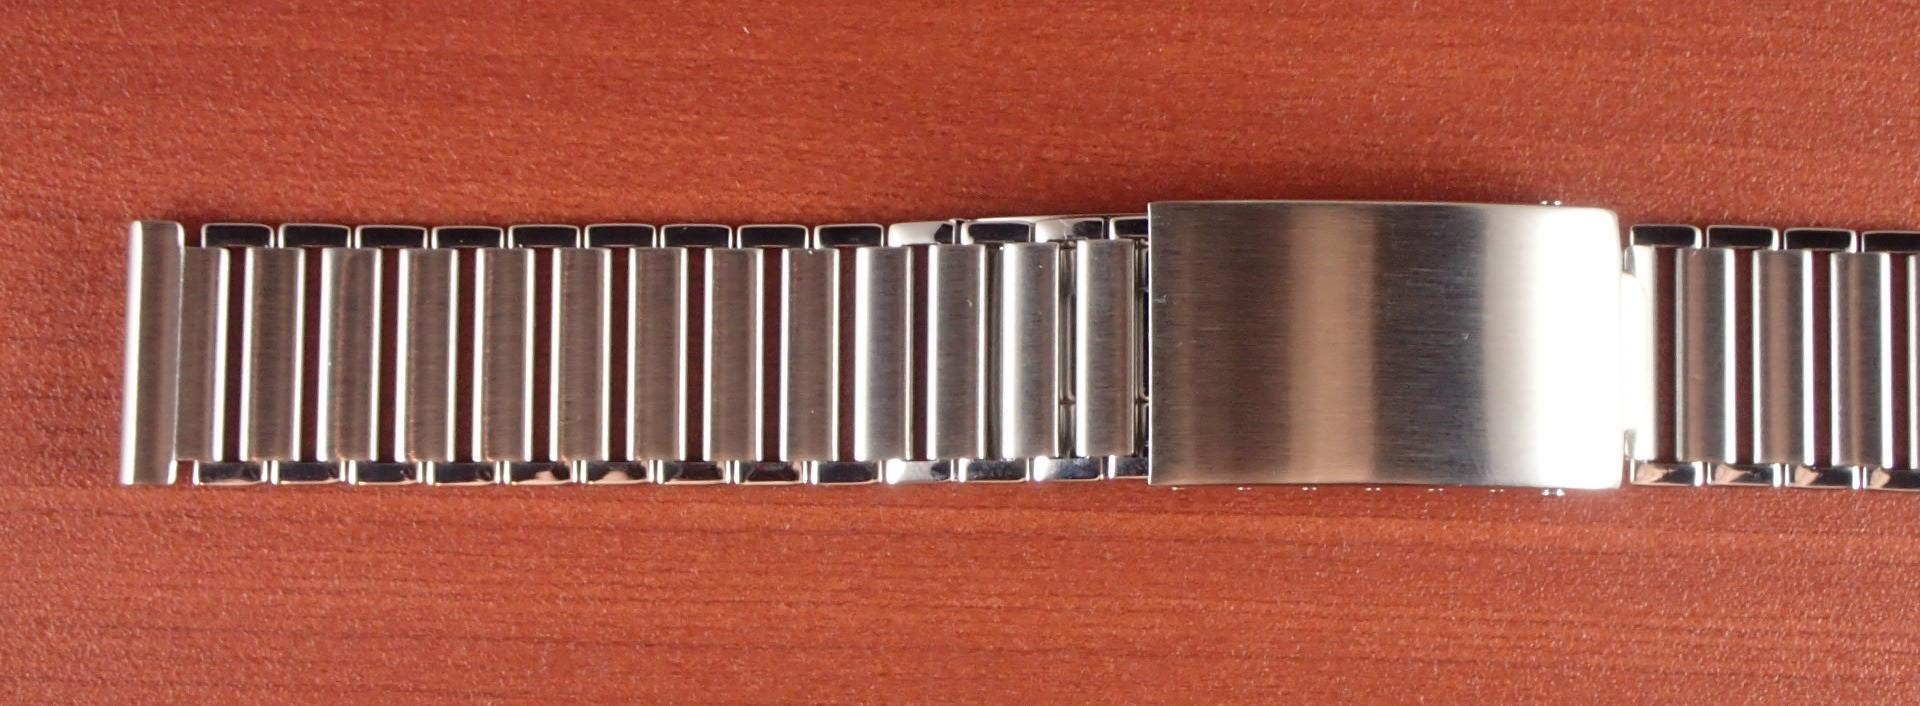 ケアーズ バンブーブレス バックルタイプ 15、16、17、18、19mm